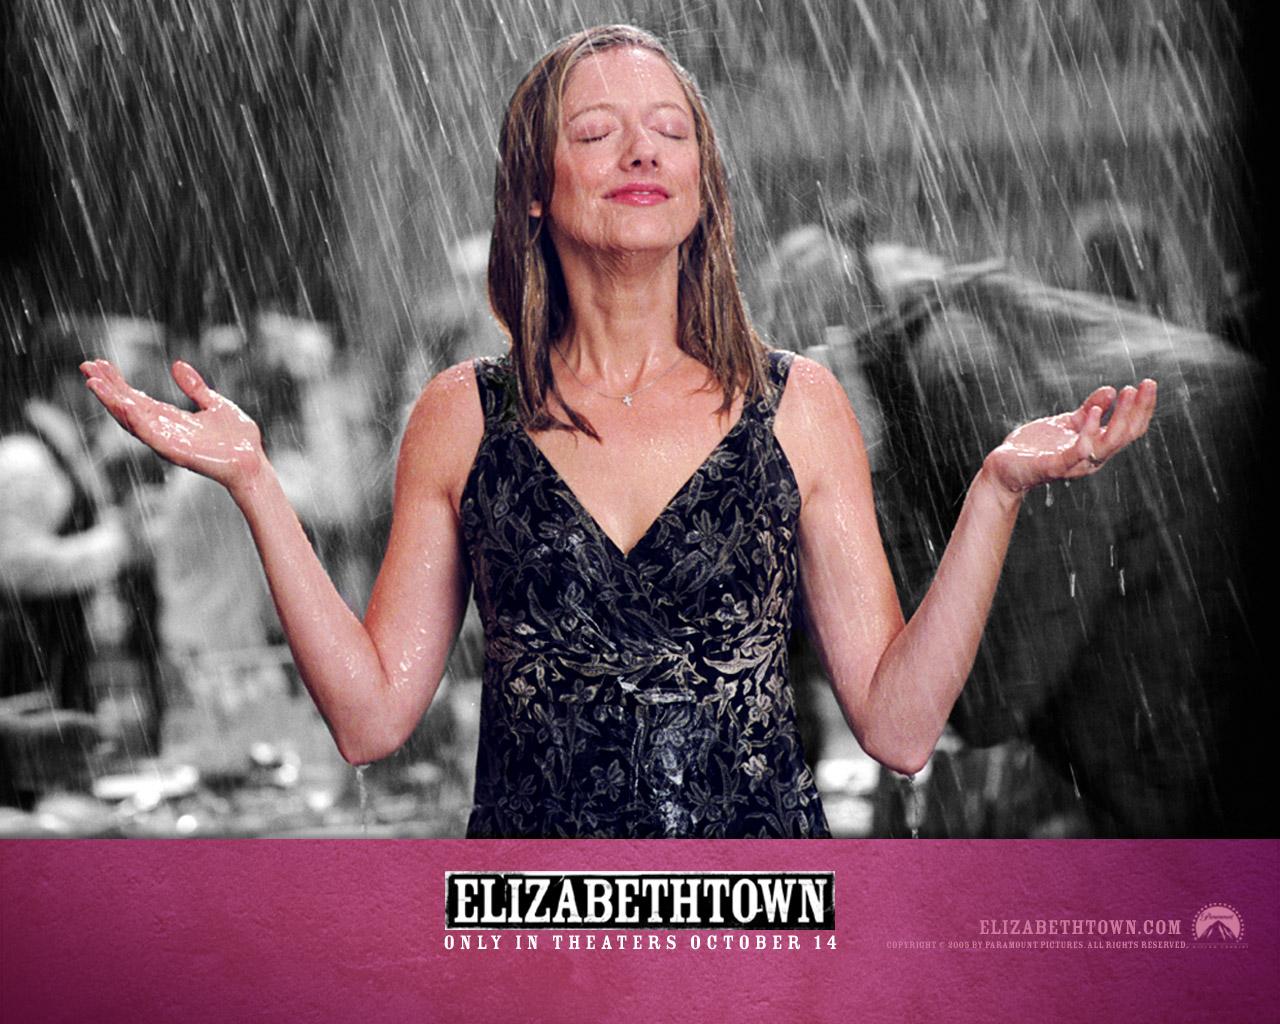 Film rencontres a elizabethtown streaming